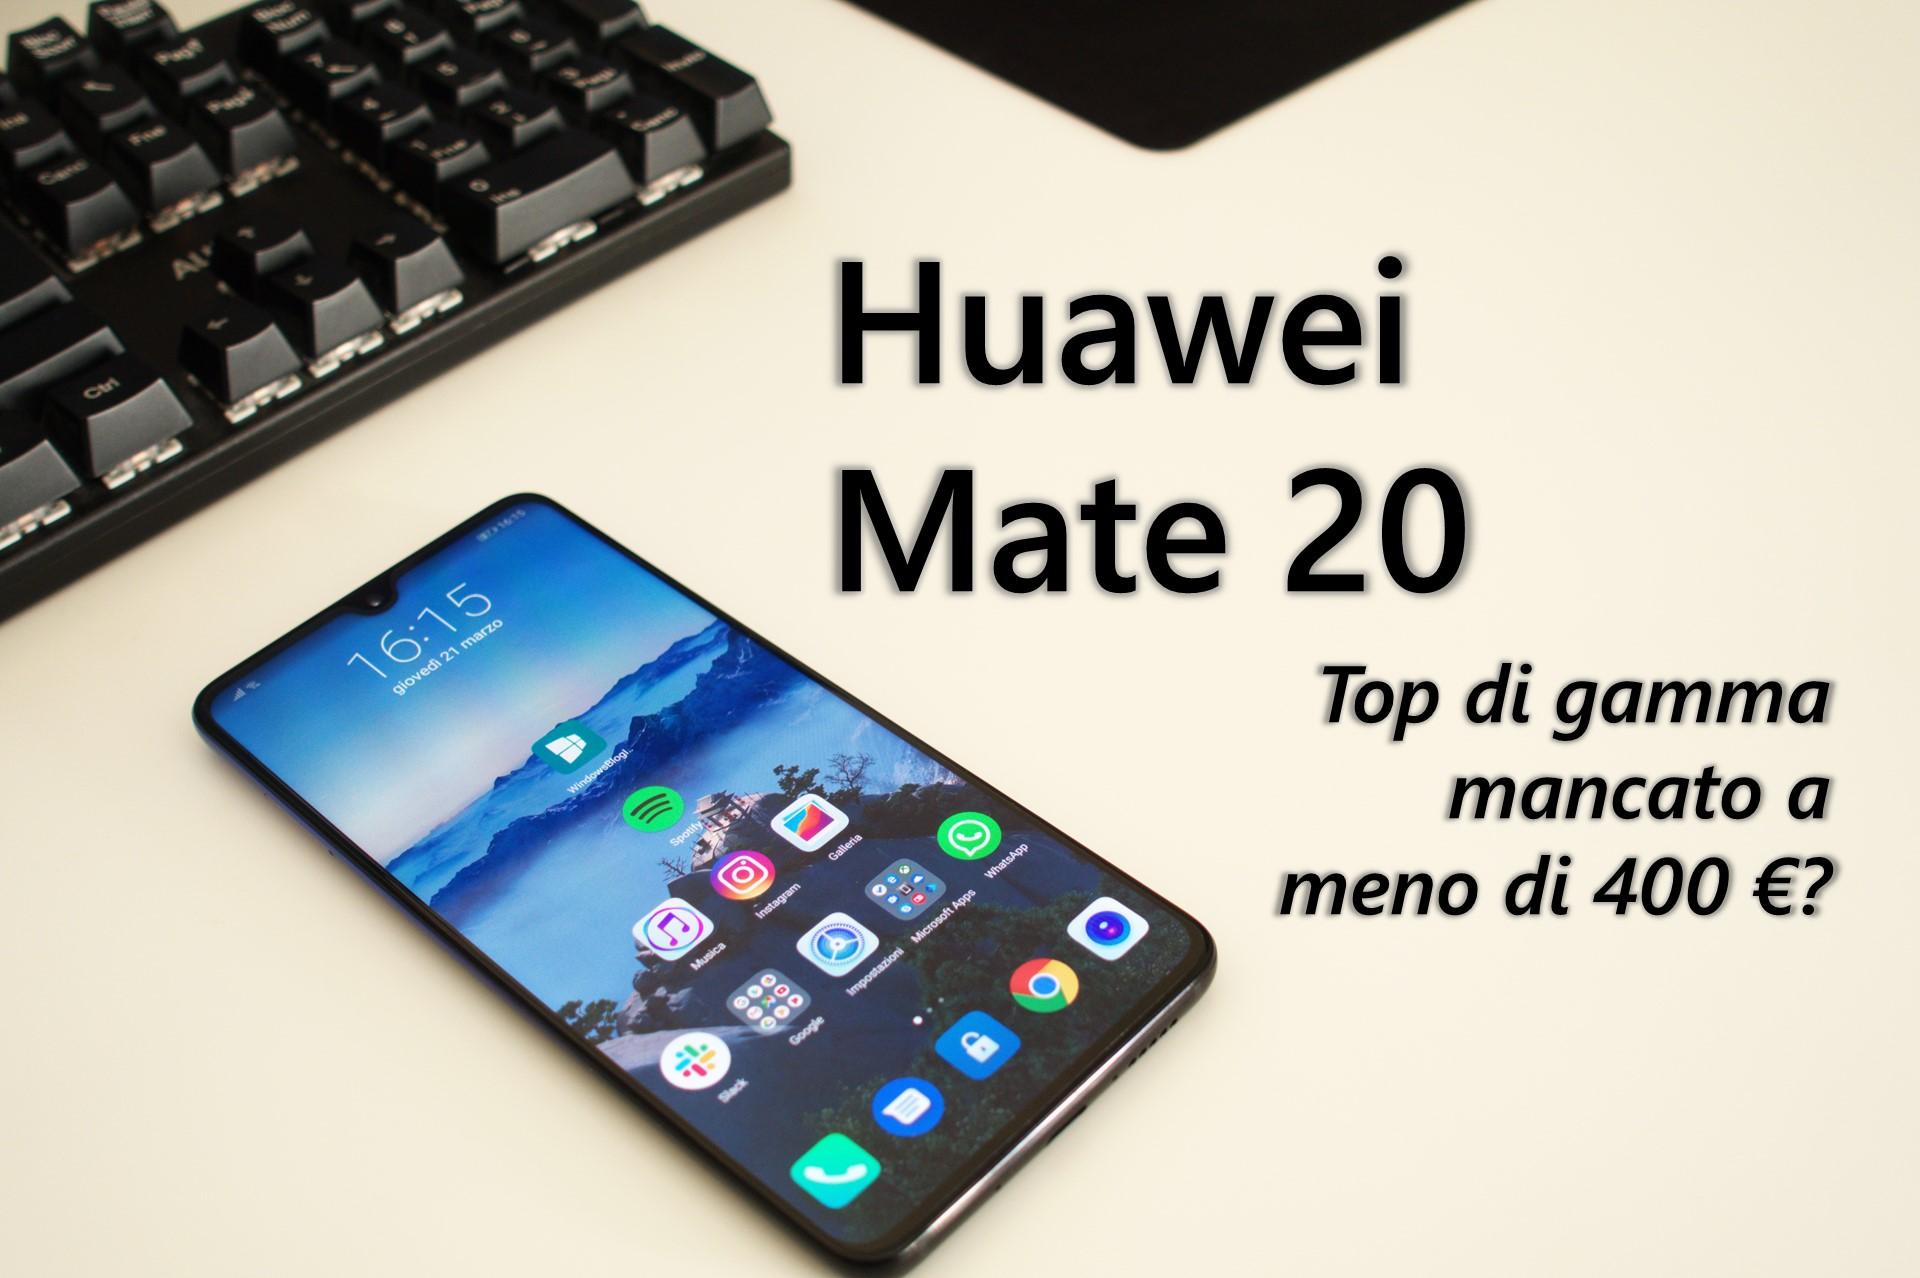 Huawei Mate 20 hero